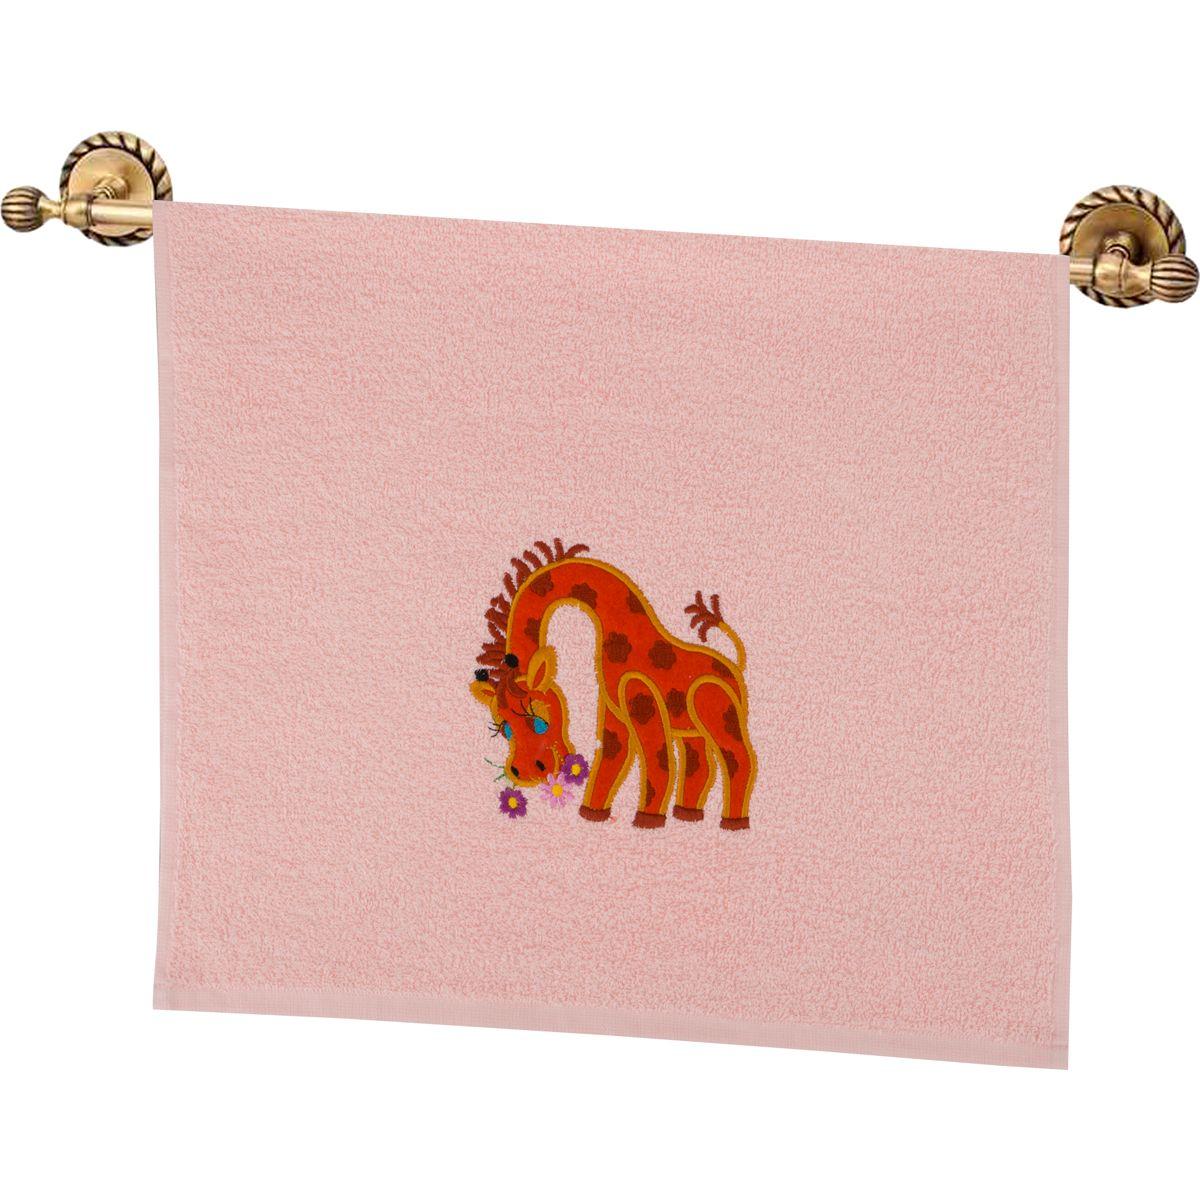 Купить Полотенца Santalino, Полотенце Жираф Цвет: Персиковый (40х70 см), Россия, Махра